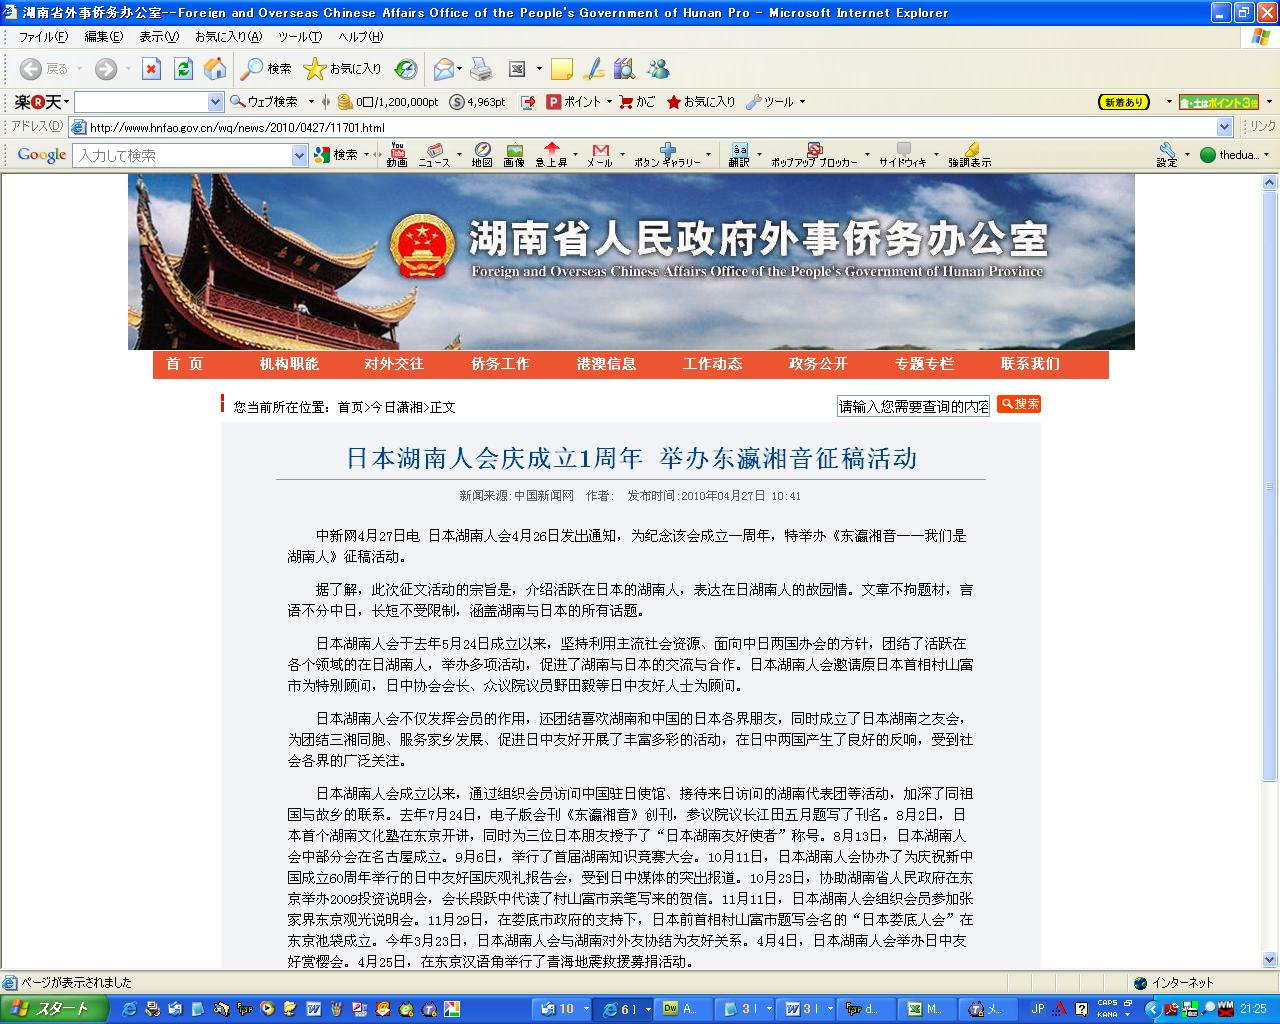 日本湖南人会一周年記念原稿募集の記事 湖南省政府のホームページに_d0027795_8424170.jpg